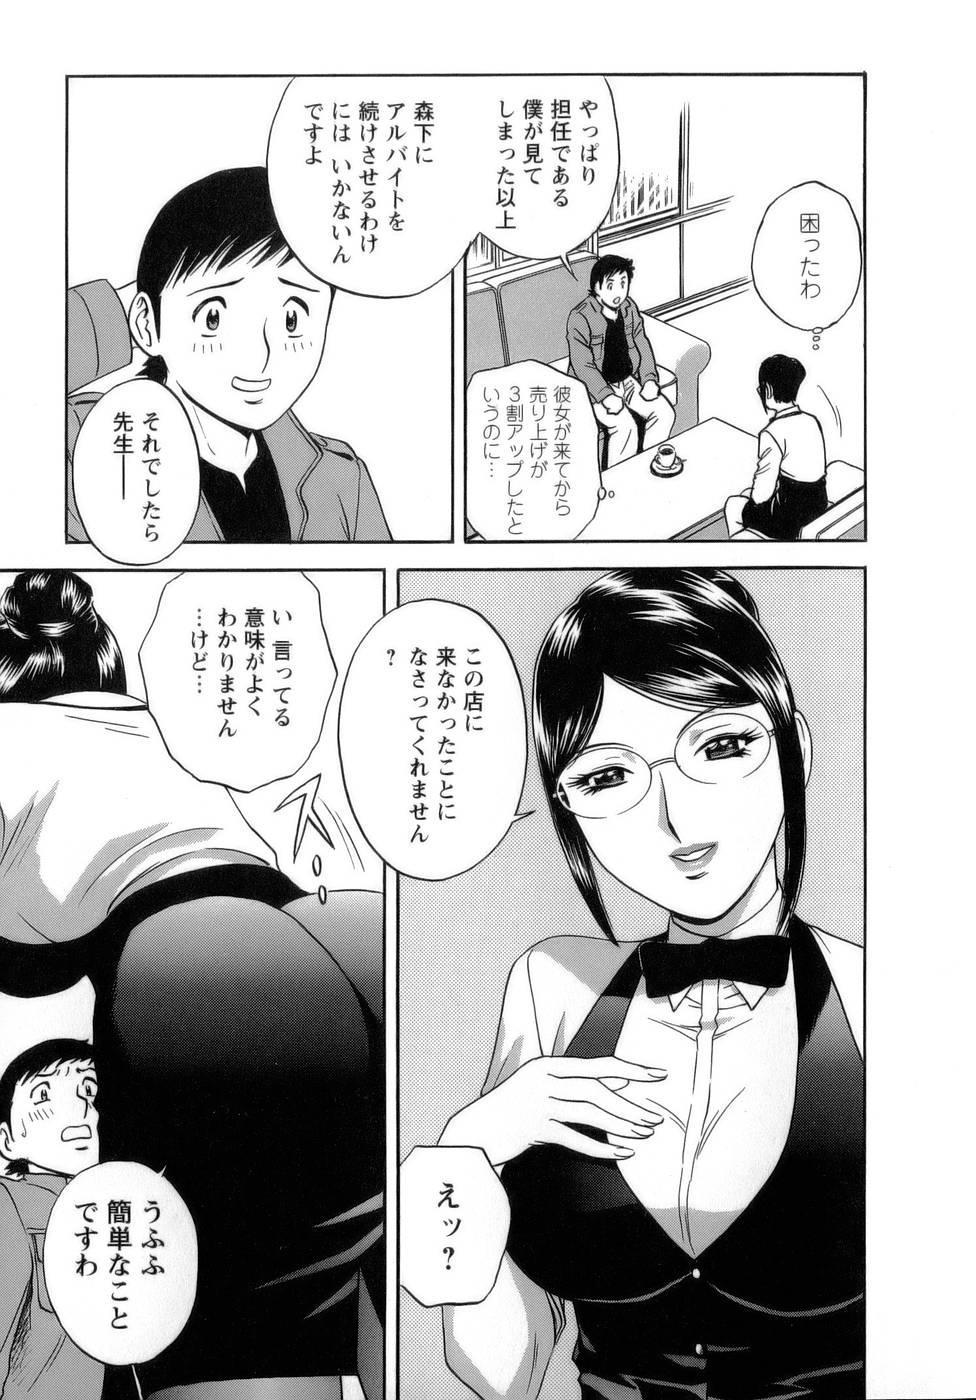 [Hidemaru] Mo-Retsu! Boin Sensei (Boing Boing Teacher) Vol.1 140